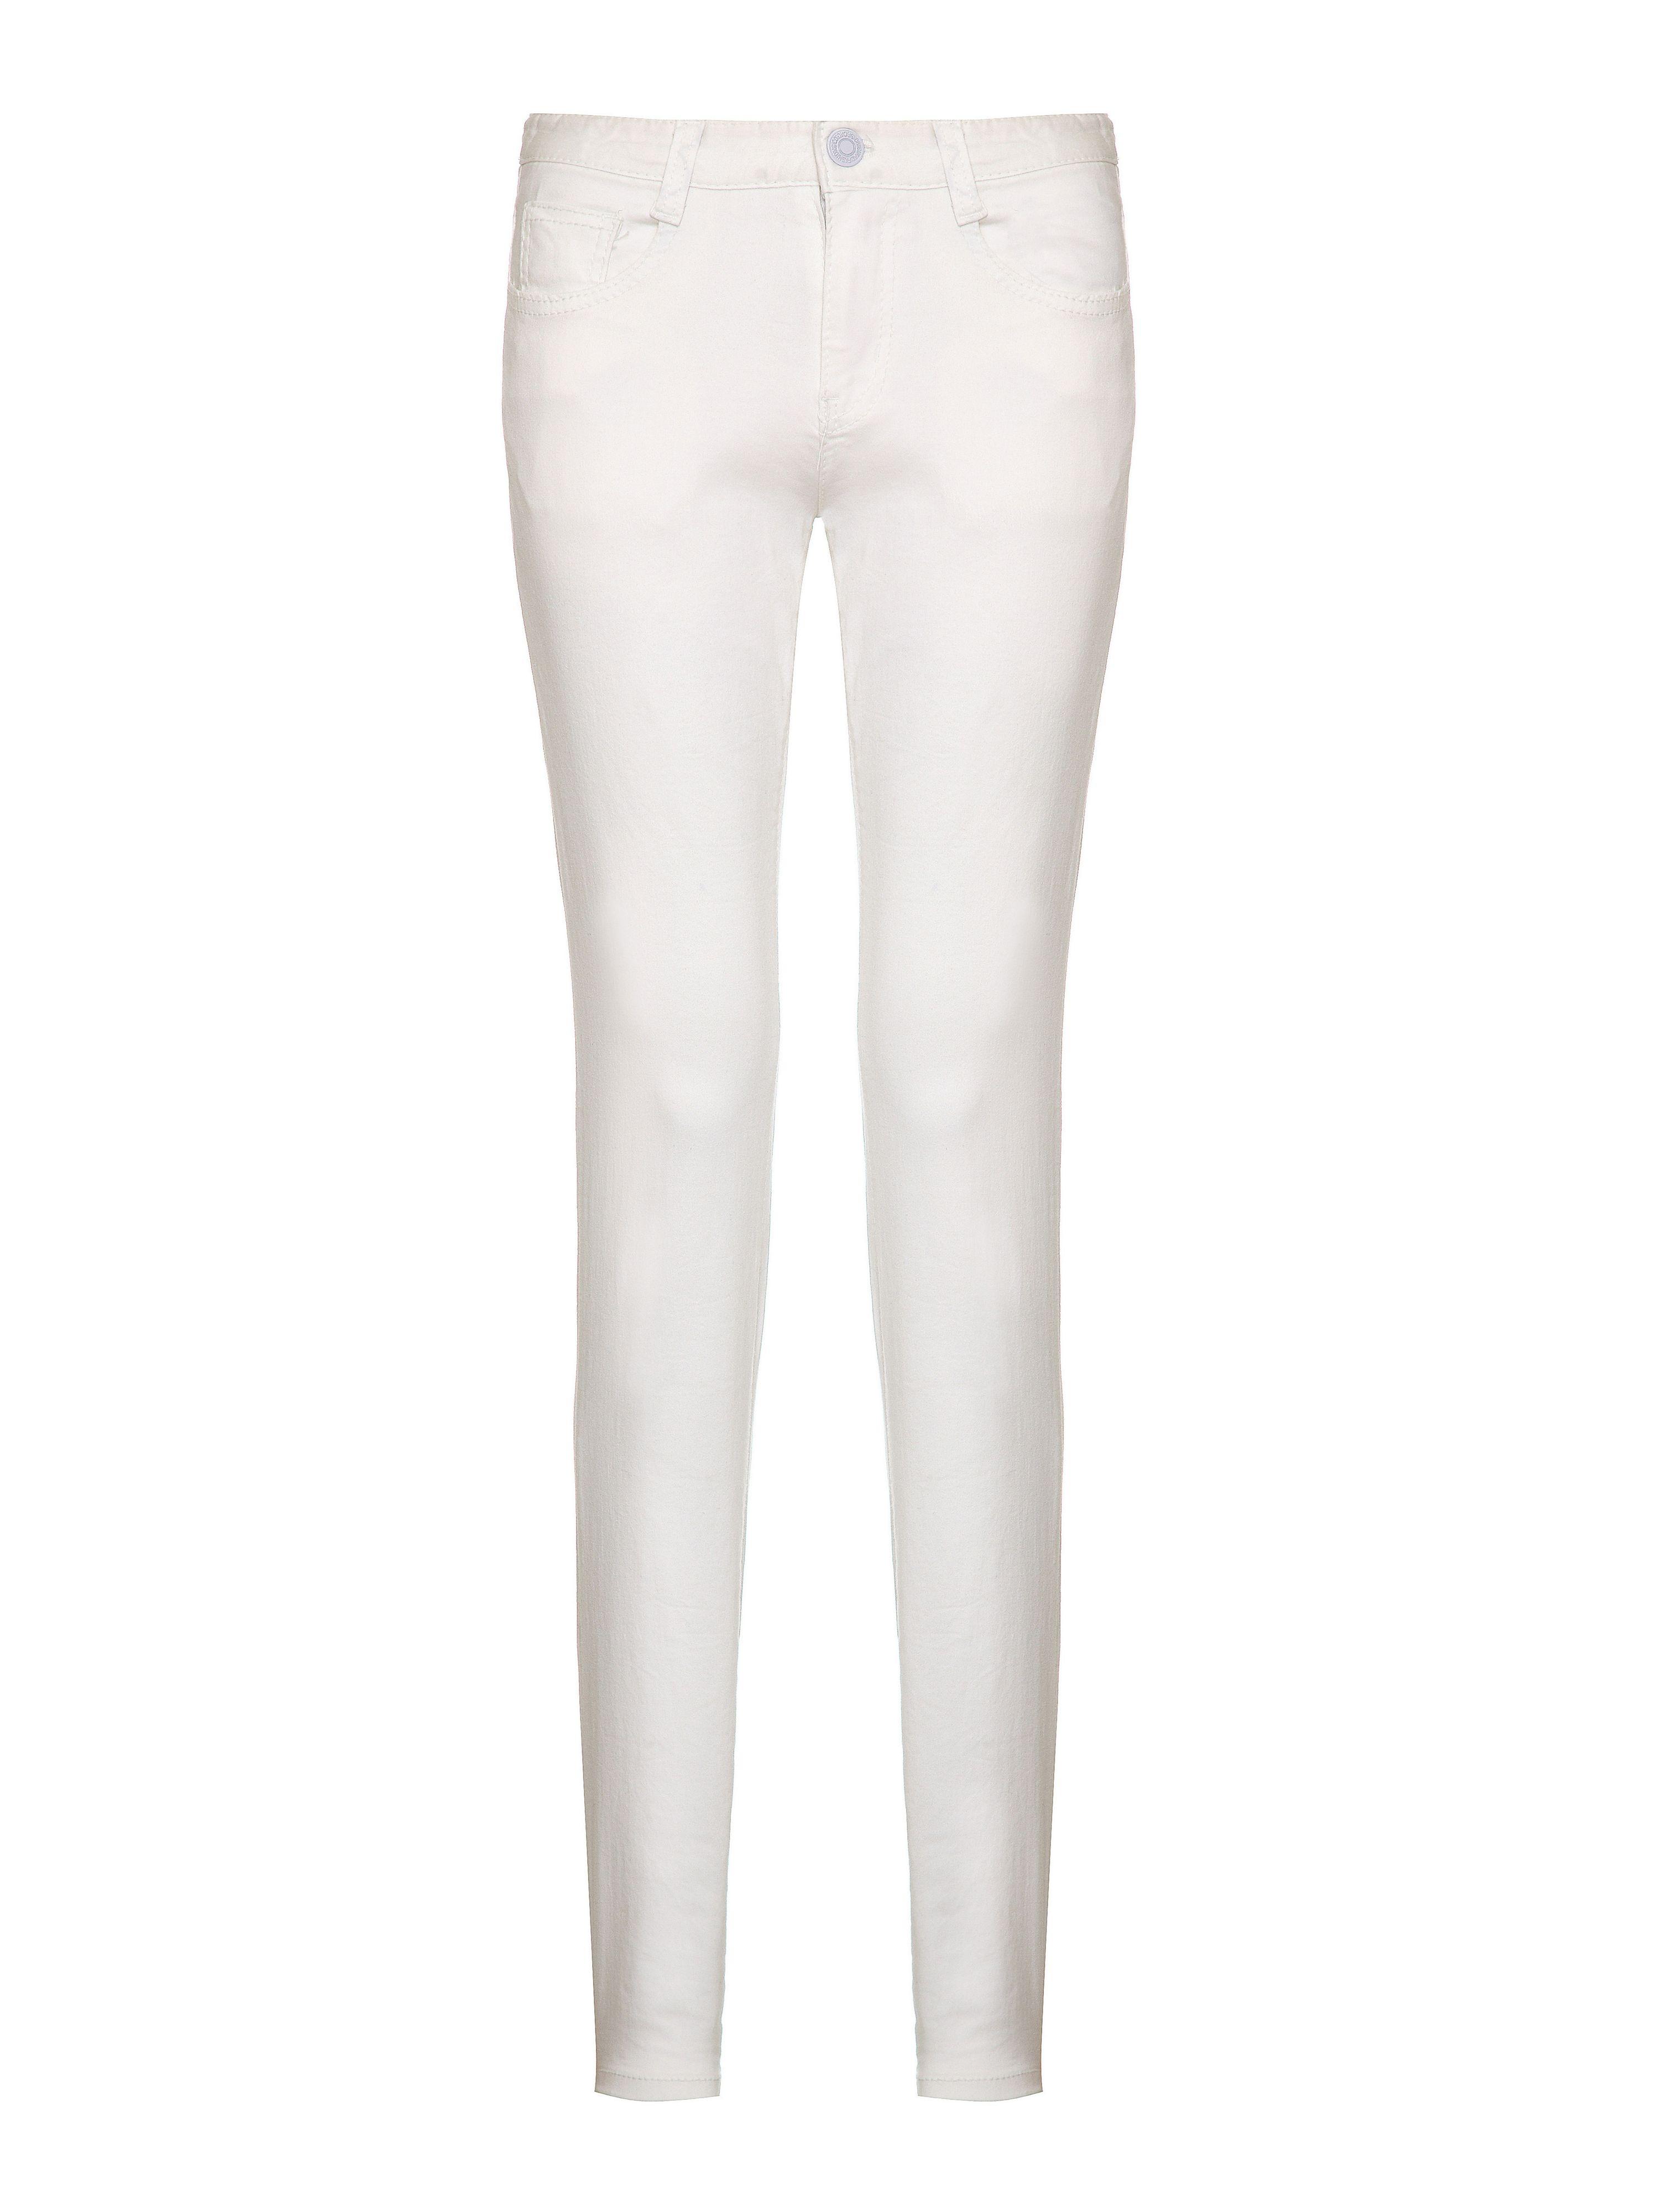 White Colour Jeans - Jeans Am